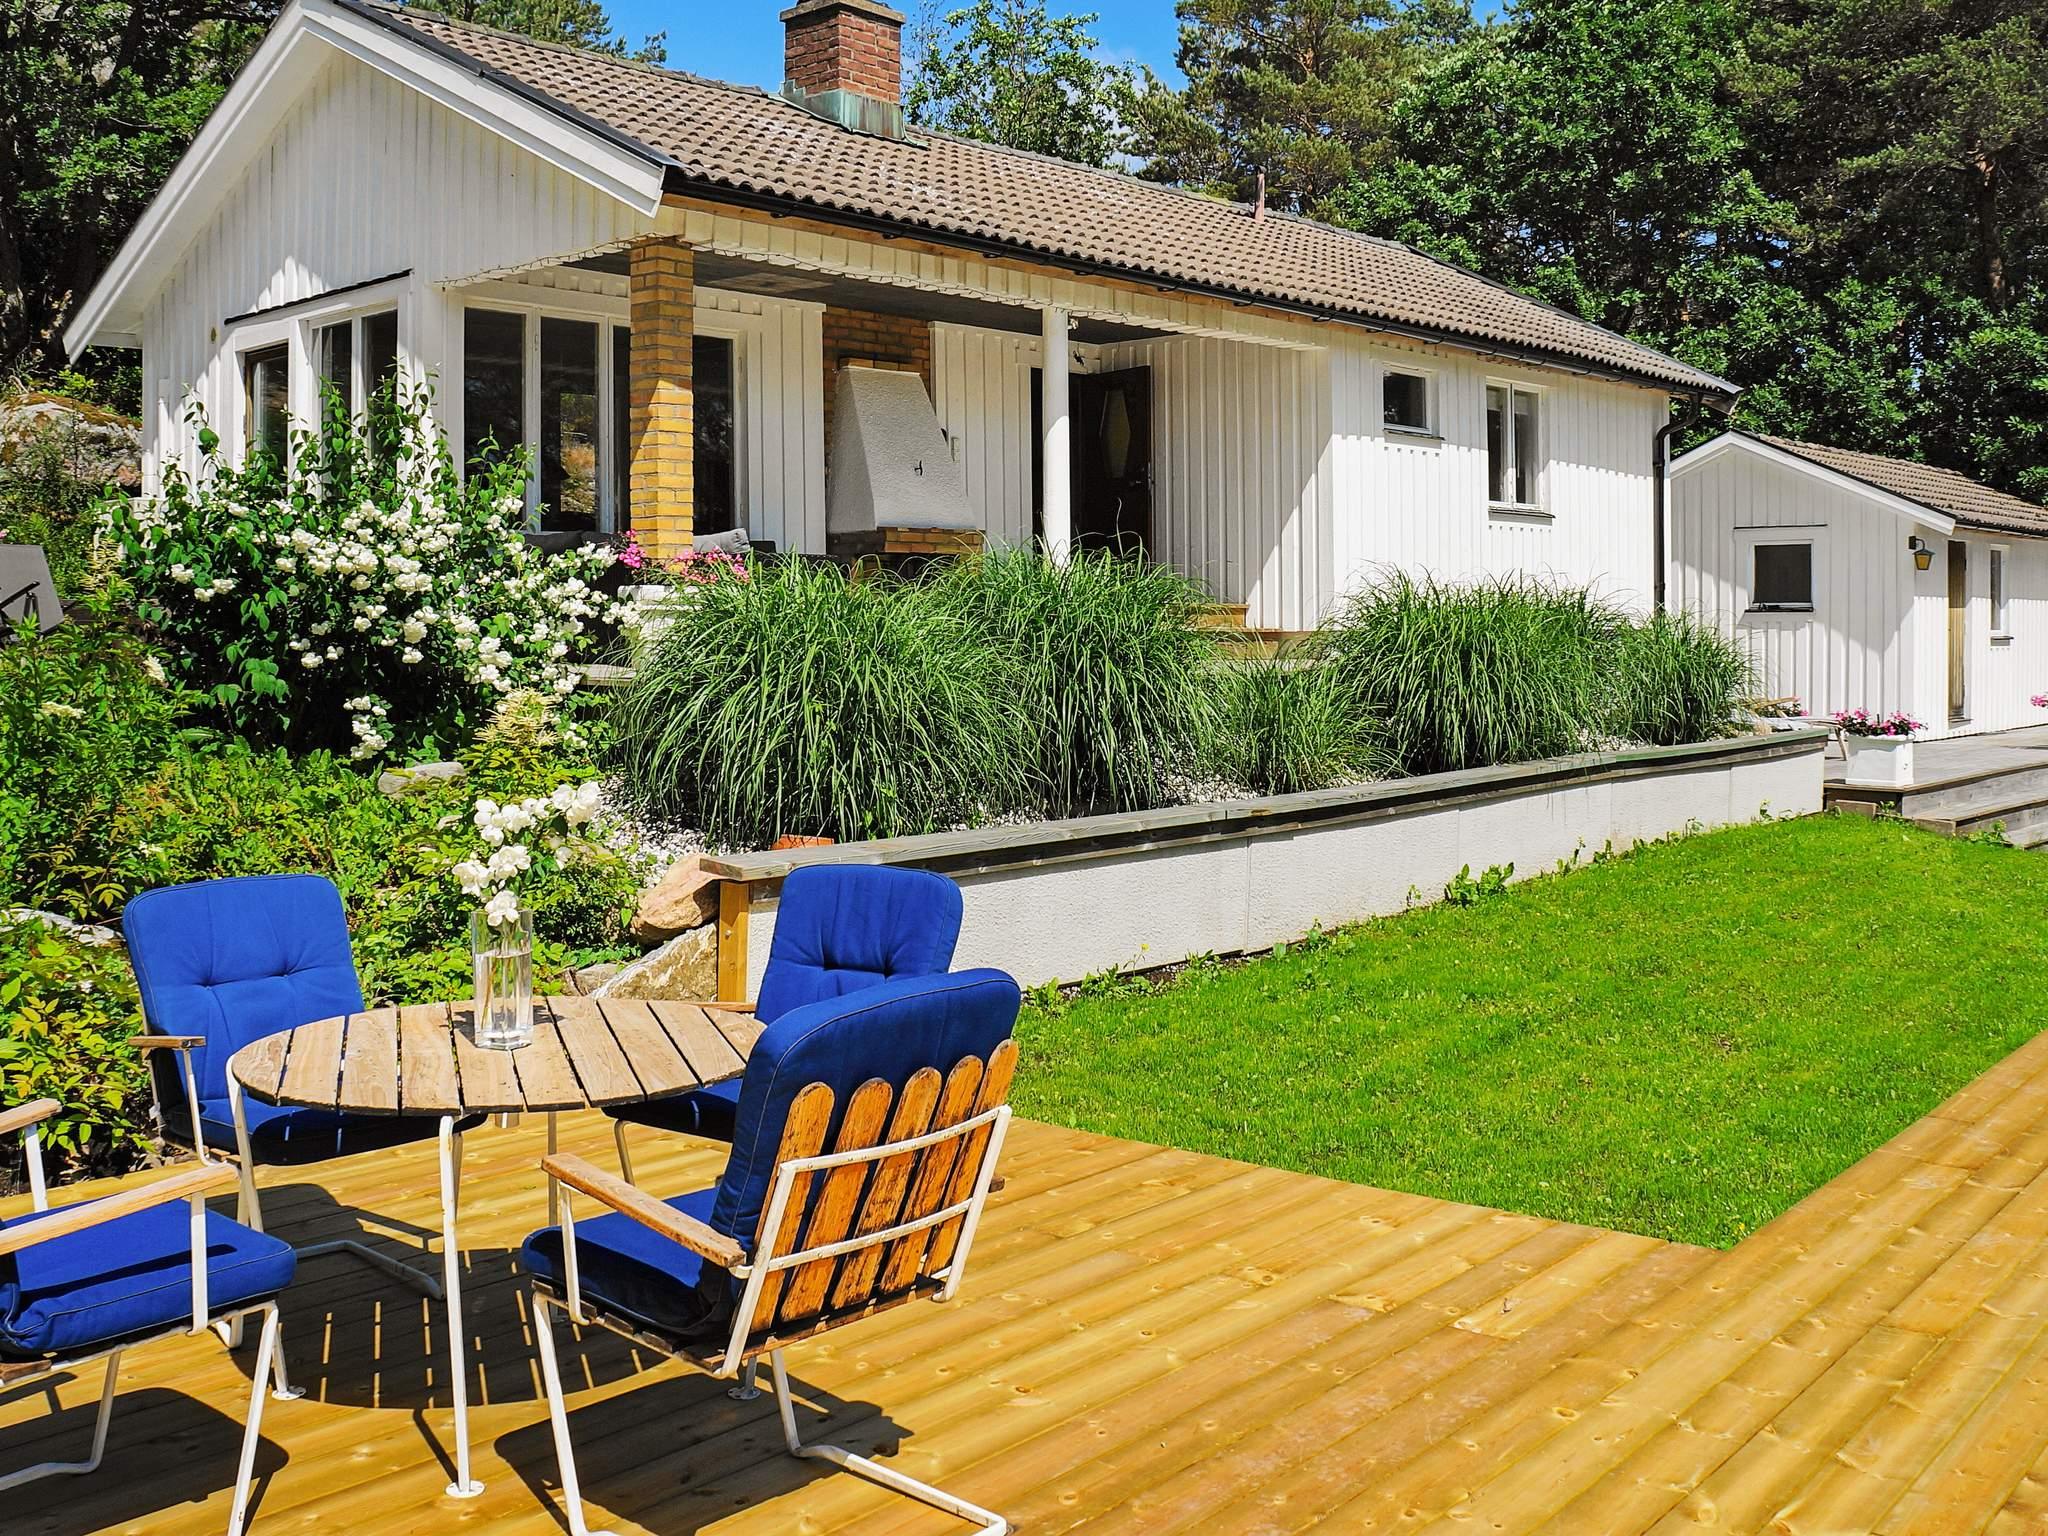 Ferienhaus Tjörn/Hakenäset (963493), Hakenäset, Tjörn, Westschweden, Schweden, Bild 22